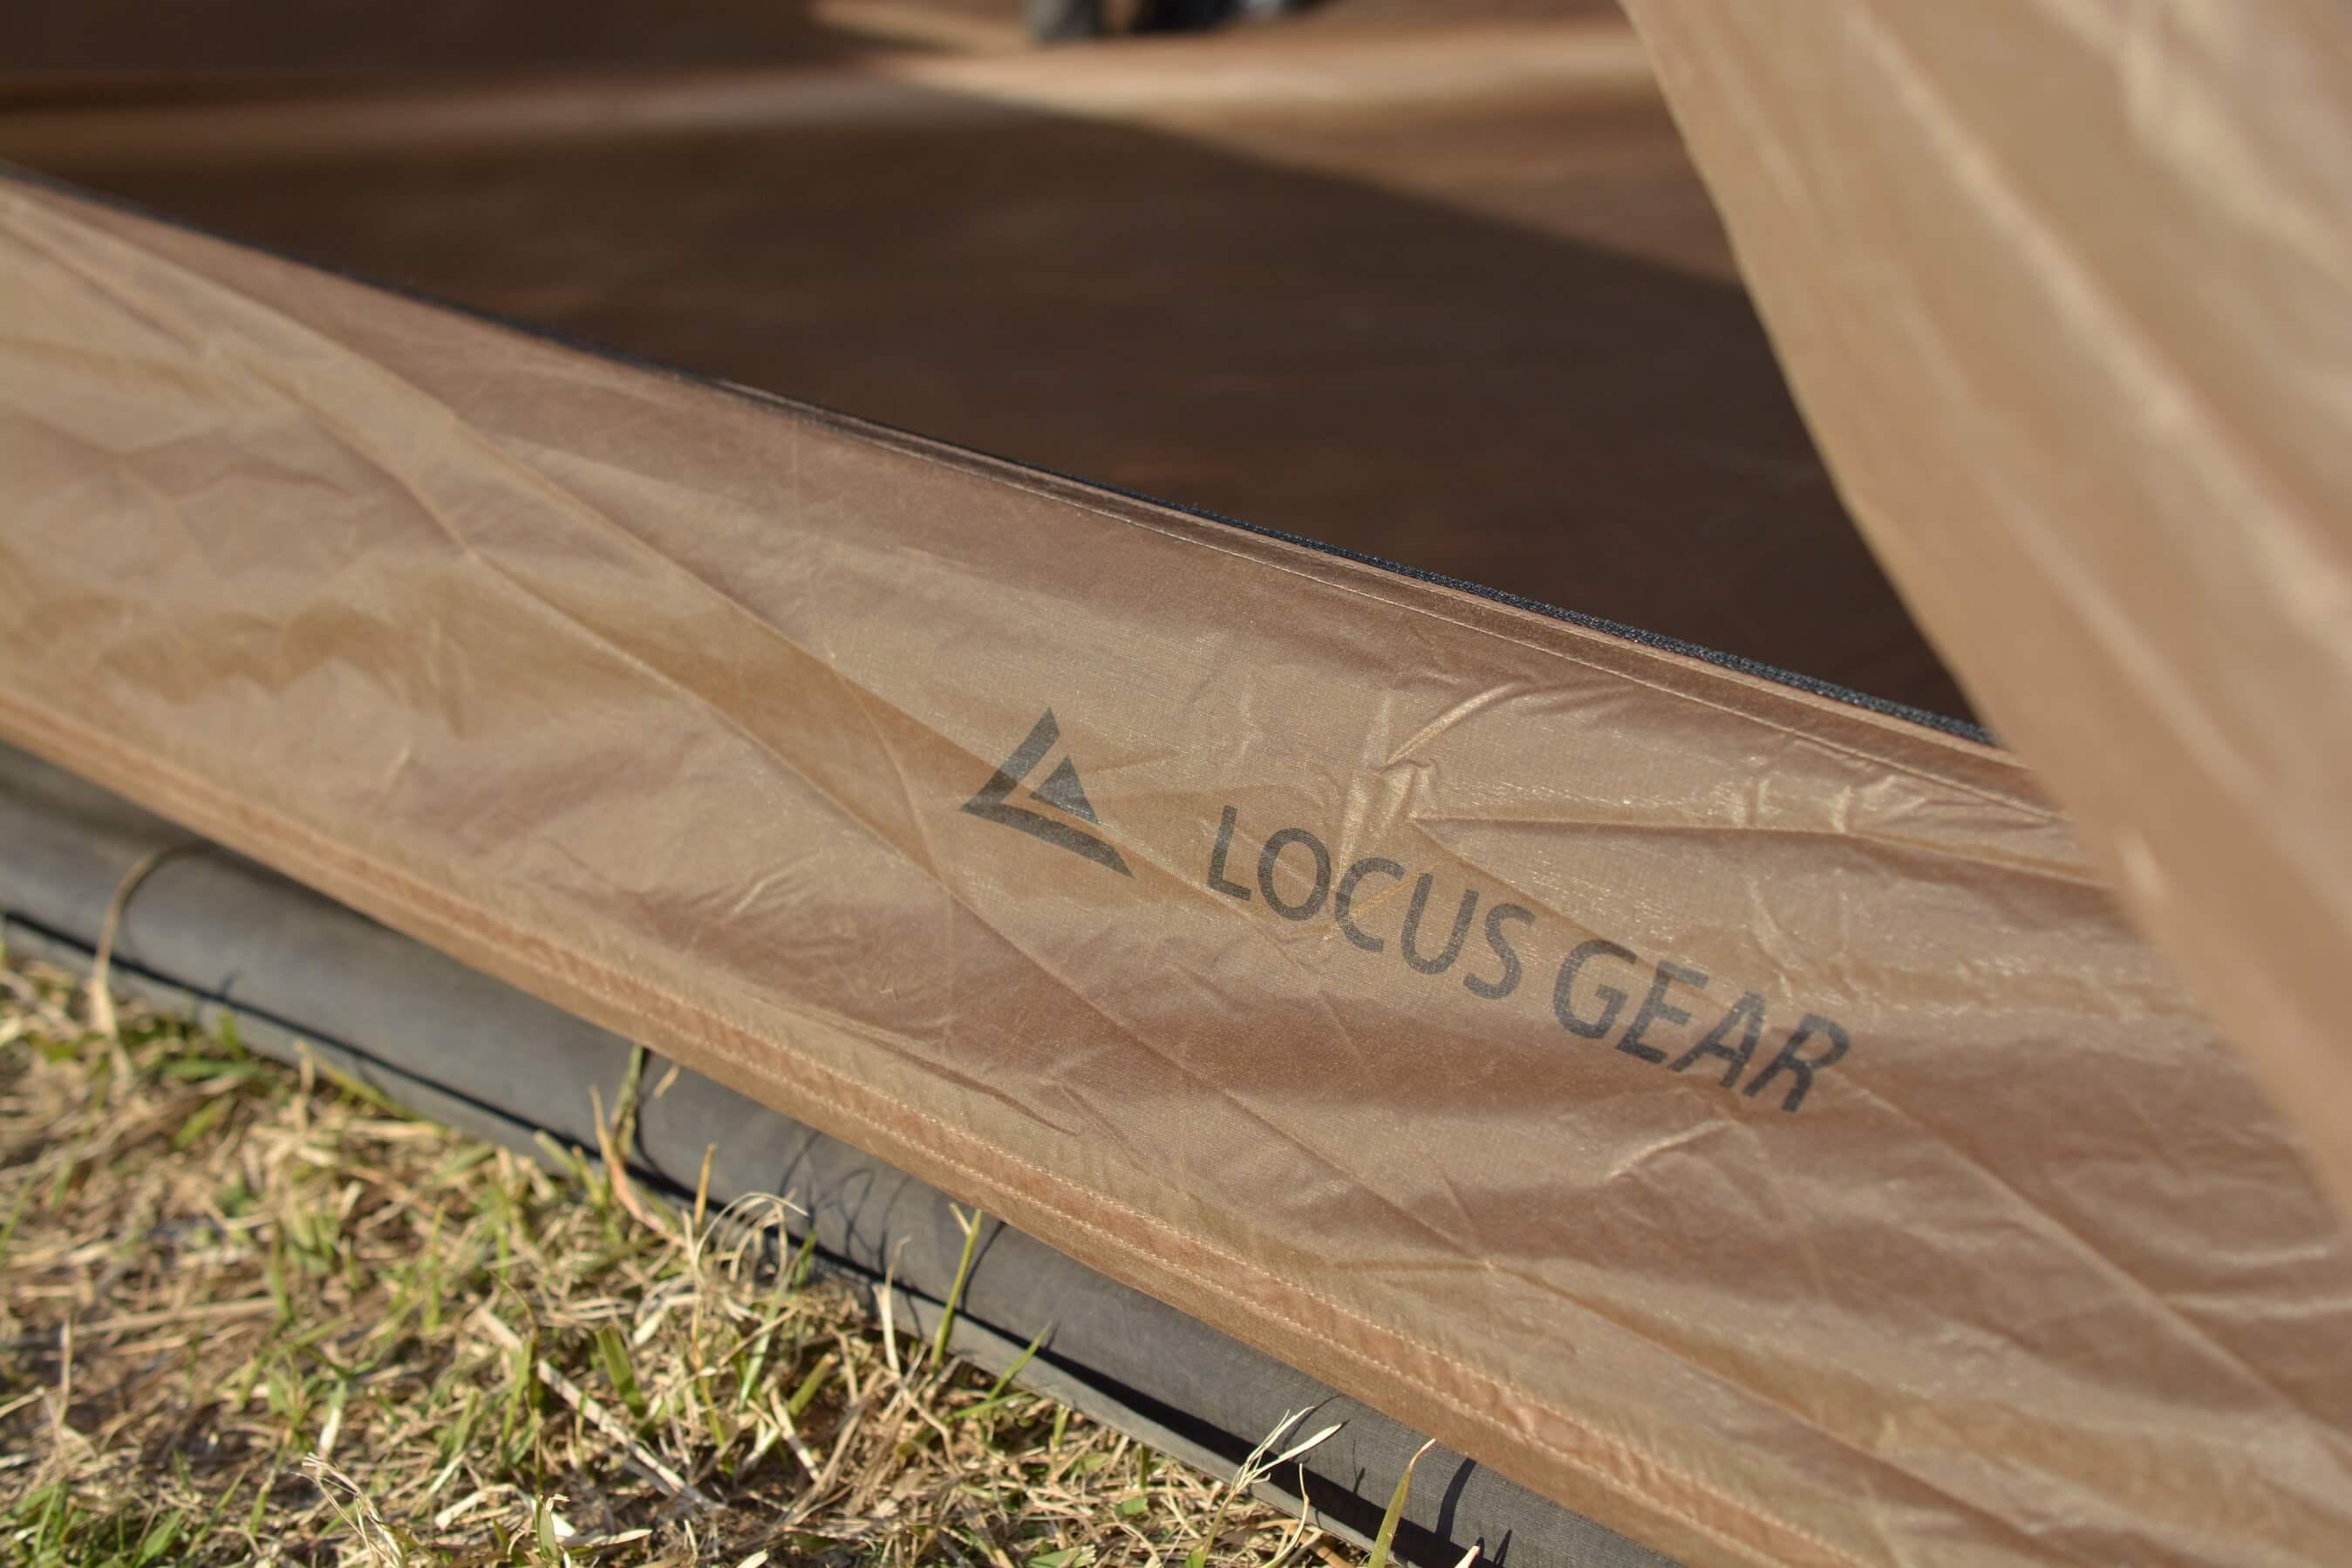 LocusGear Khufu HB / ローカスギア クフ HB ロゴ